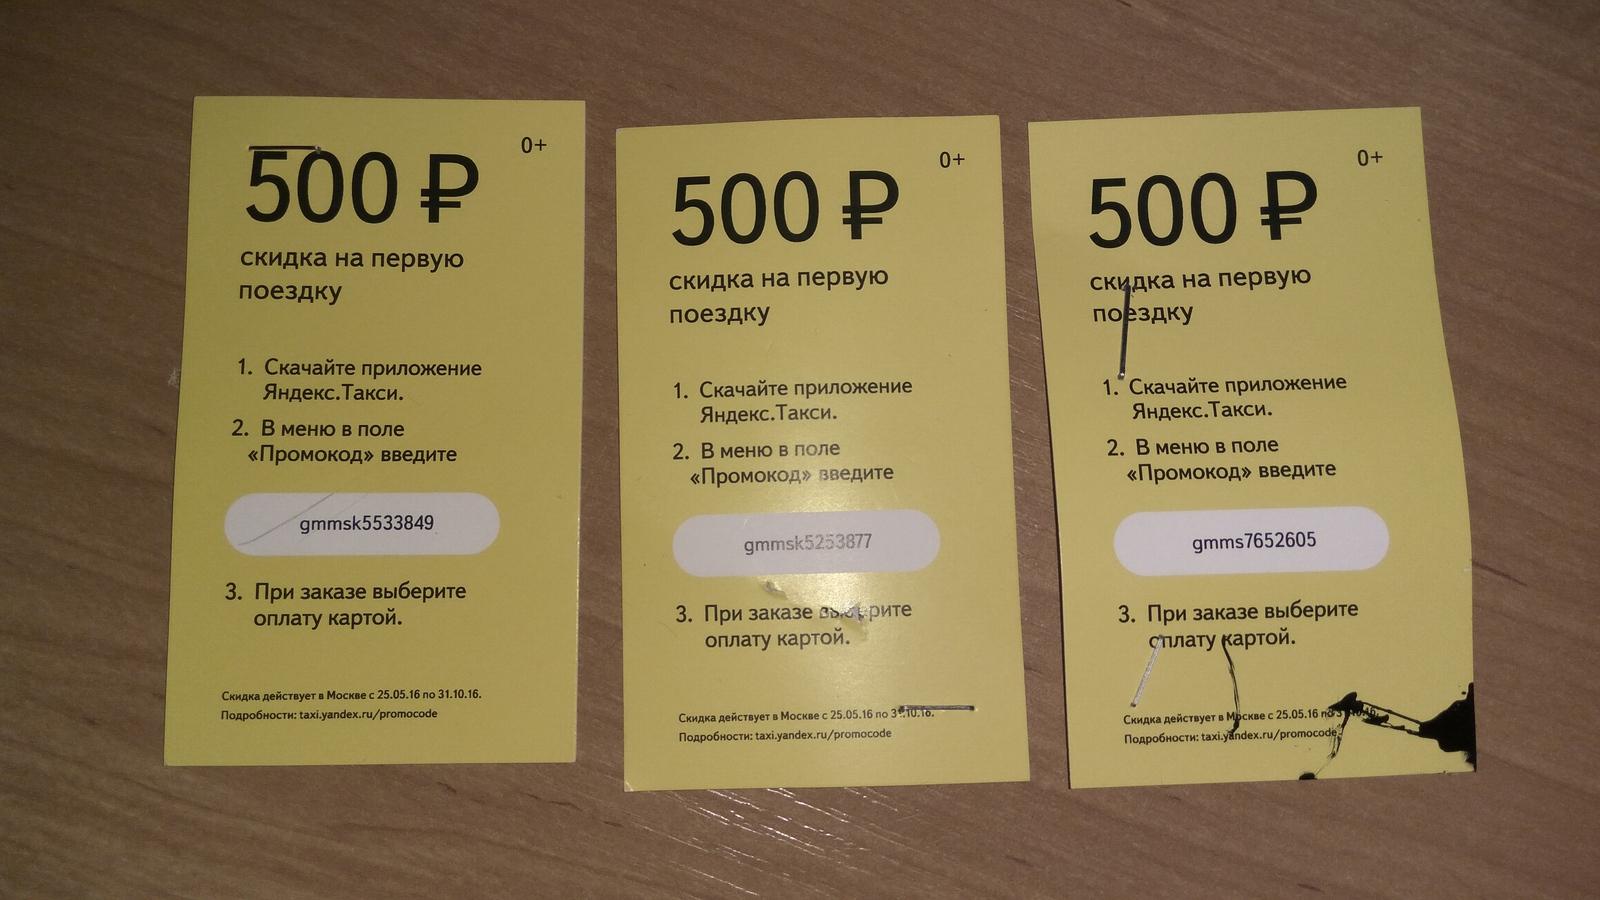 Промокод такси Uber Убер Юбер на 1 000 руб  Февраль 2018